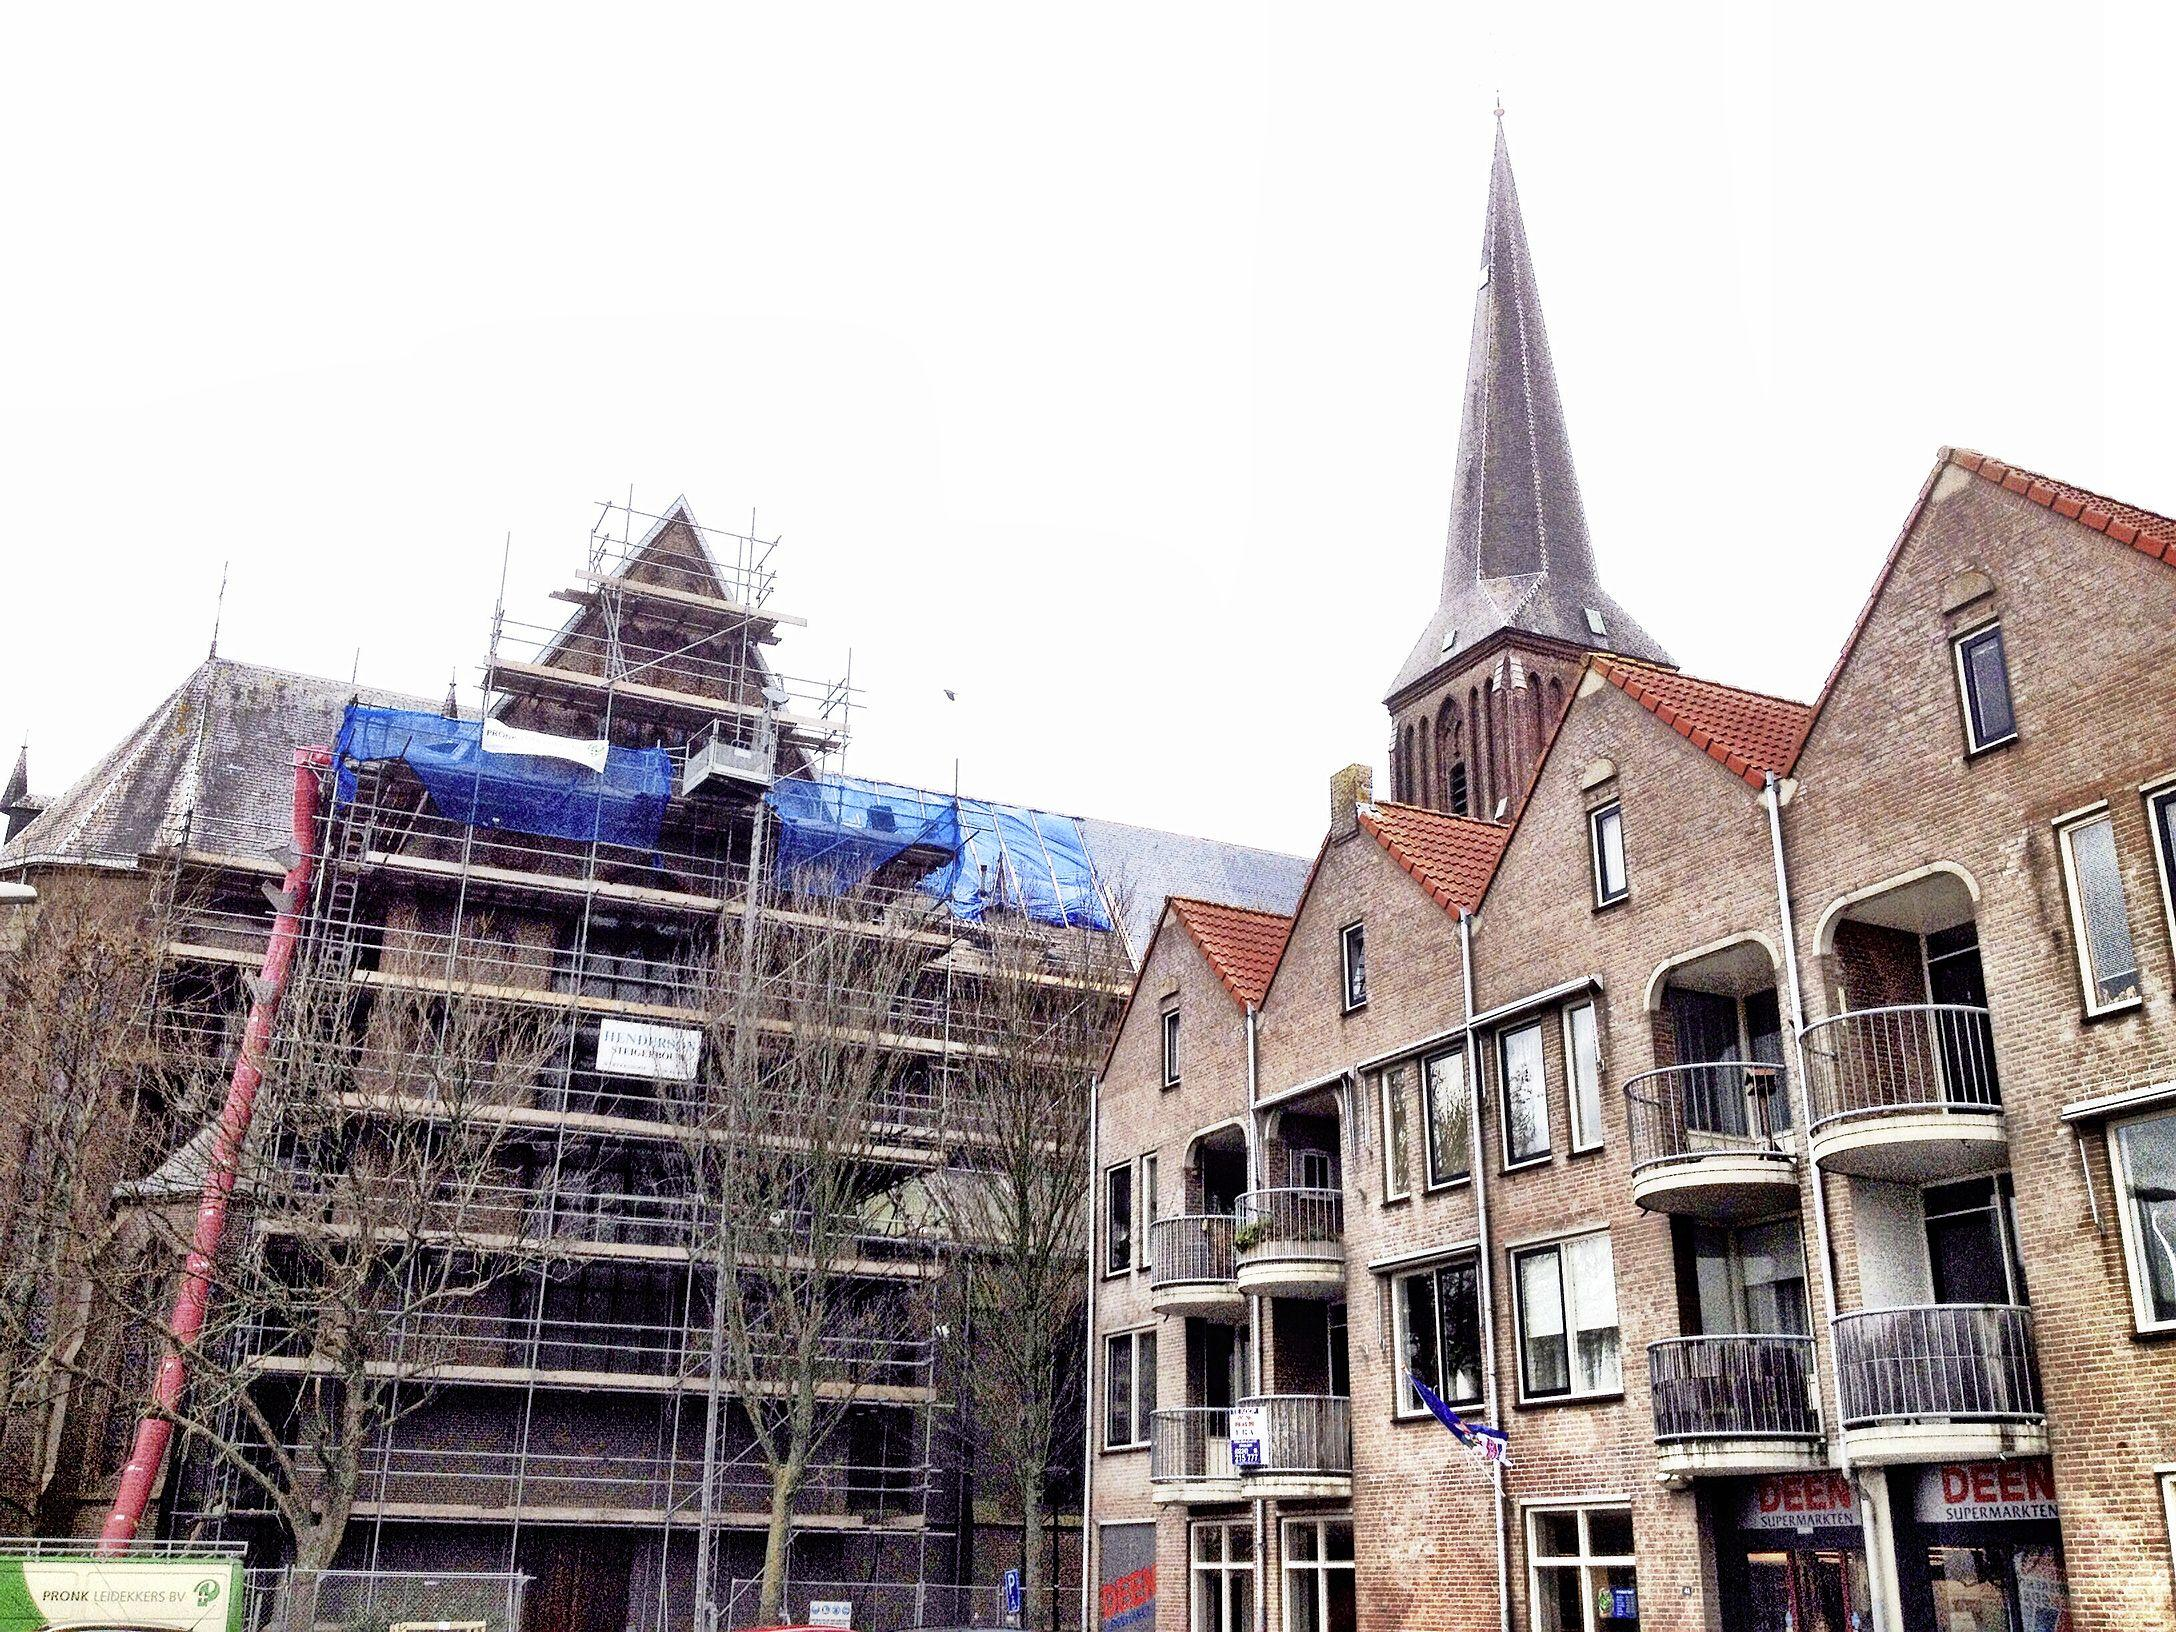 De Christoforuskerk in Schagen staat straks in de steigers, maar liefst 55 meter hoog. De toren wordt gerestaureerd en dat gaat gepaard met enige haast. In augustus strijkt een vleermuizenkolonie er weer neer